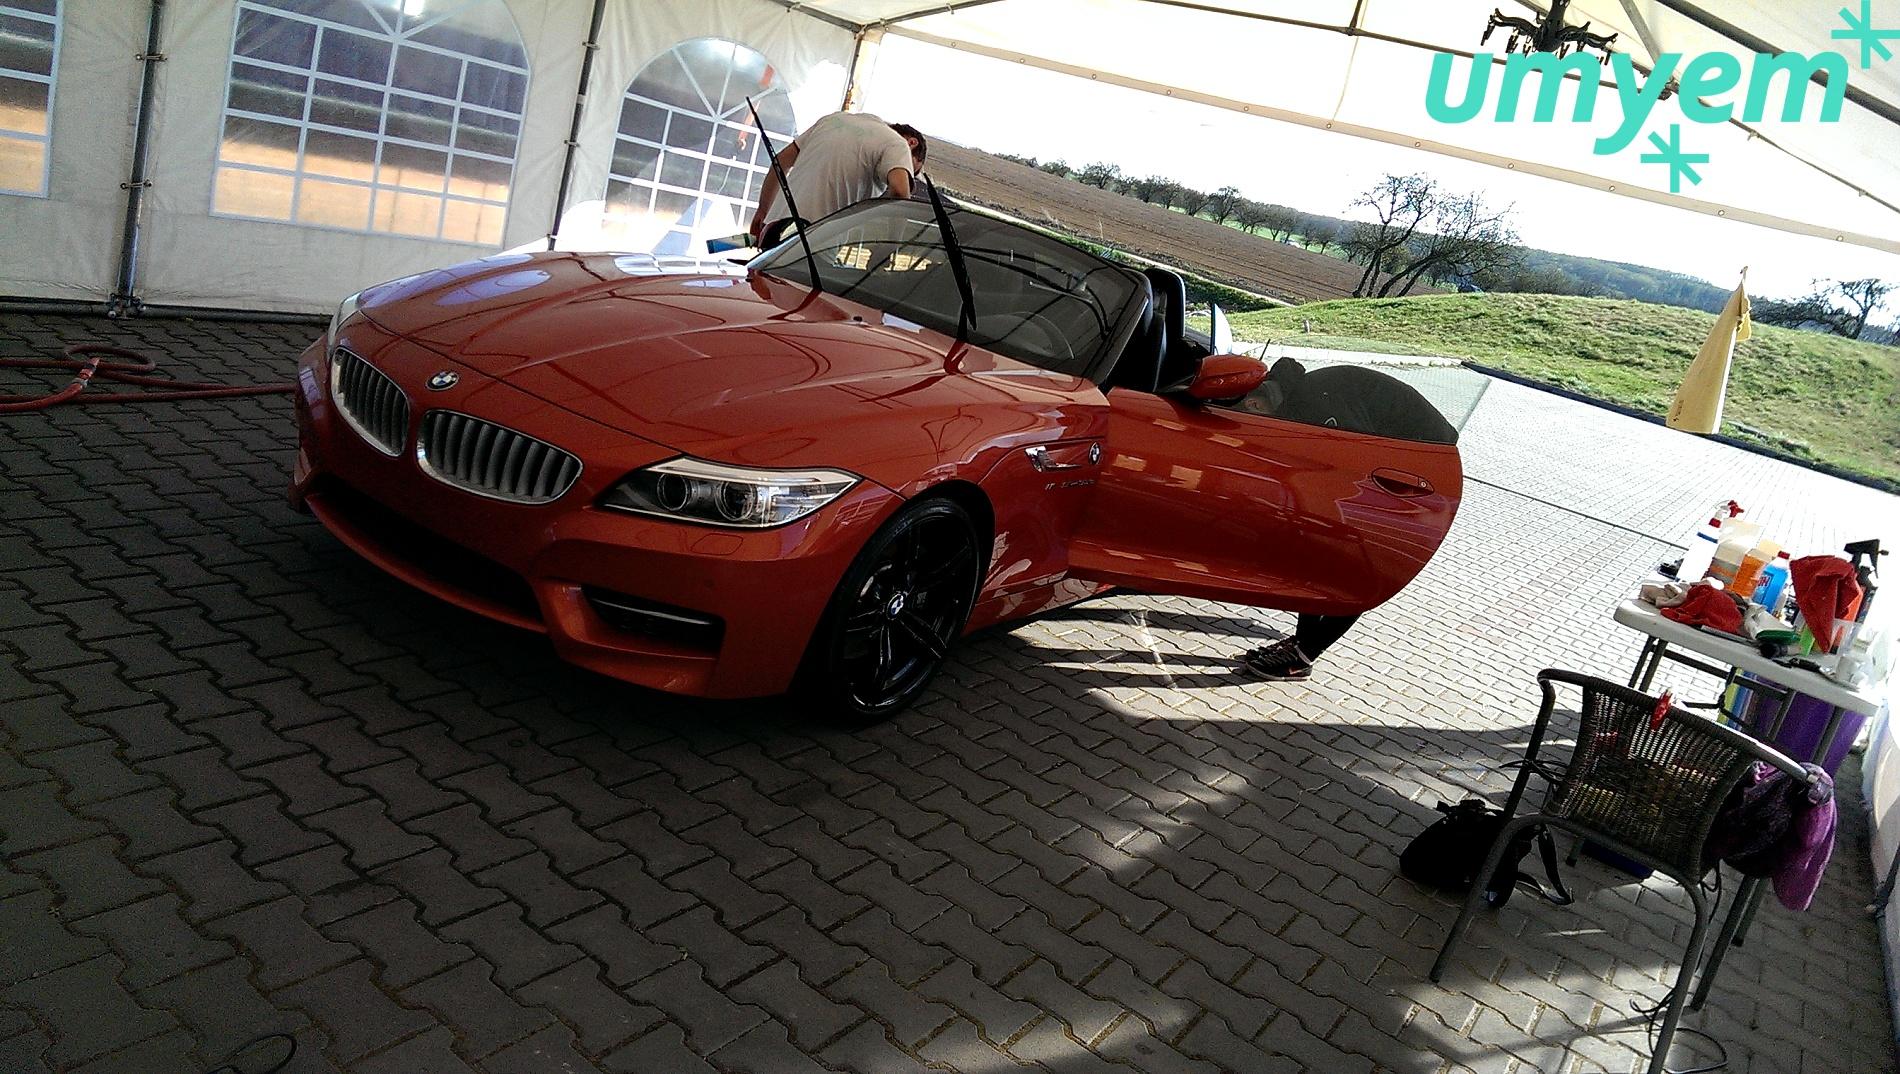 BMW_Z4_detailing_Brno_umyem_7.jpg